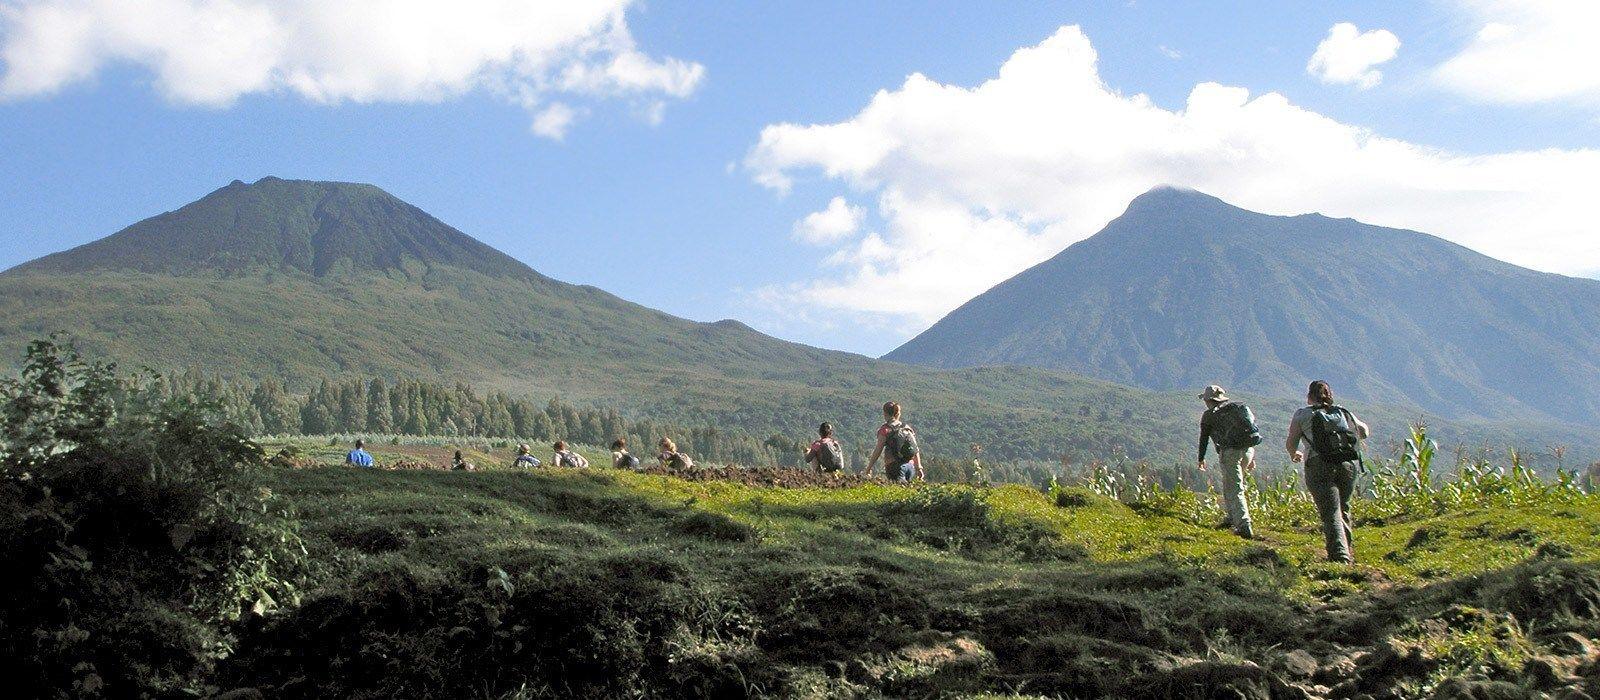 Gorilla Trekking in Rwanda Tour Trip 3